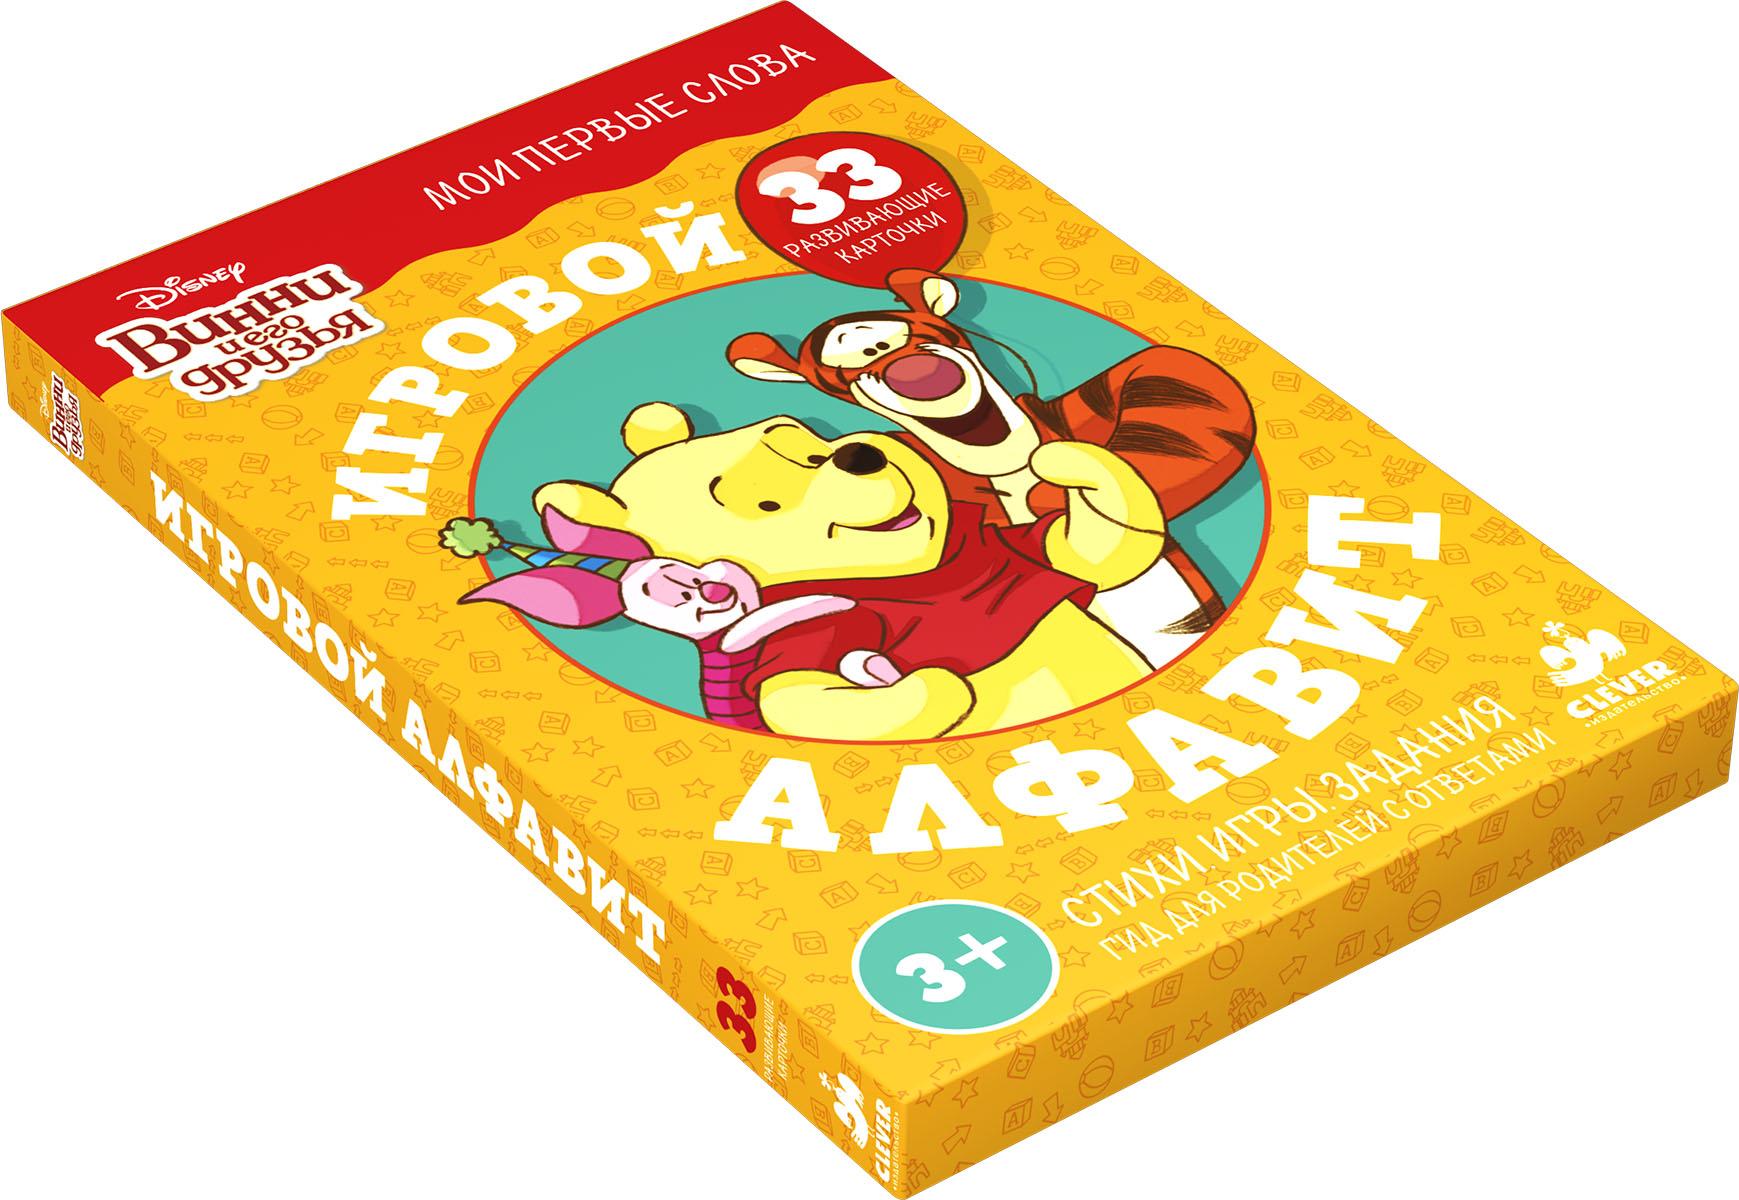 Винни и его друзья. Игровой алфавит12296407Что вас ждет в коробке: Развивающие карточки Игровой Алфавит для запоминания букв, слов, а так же для развитиюя логического мышления, памяти и внимания. Превратите изучение букв в интересную игру! Читайте весёлые стихи. Учите алфавит. Играйте с любимыми героями. Выполняйте задания. Рисуйте и стирайте. Изюминки: Яркие и красочные иллюстрации. 33 карточки с заданиями из плотного картона. Брошюра с ответами. Рекомендованный возраст: 3-7 лет.